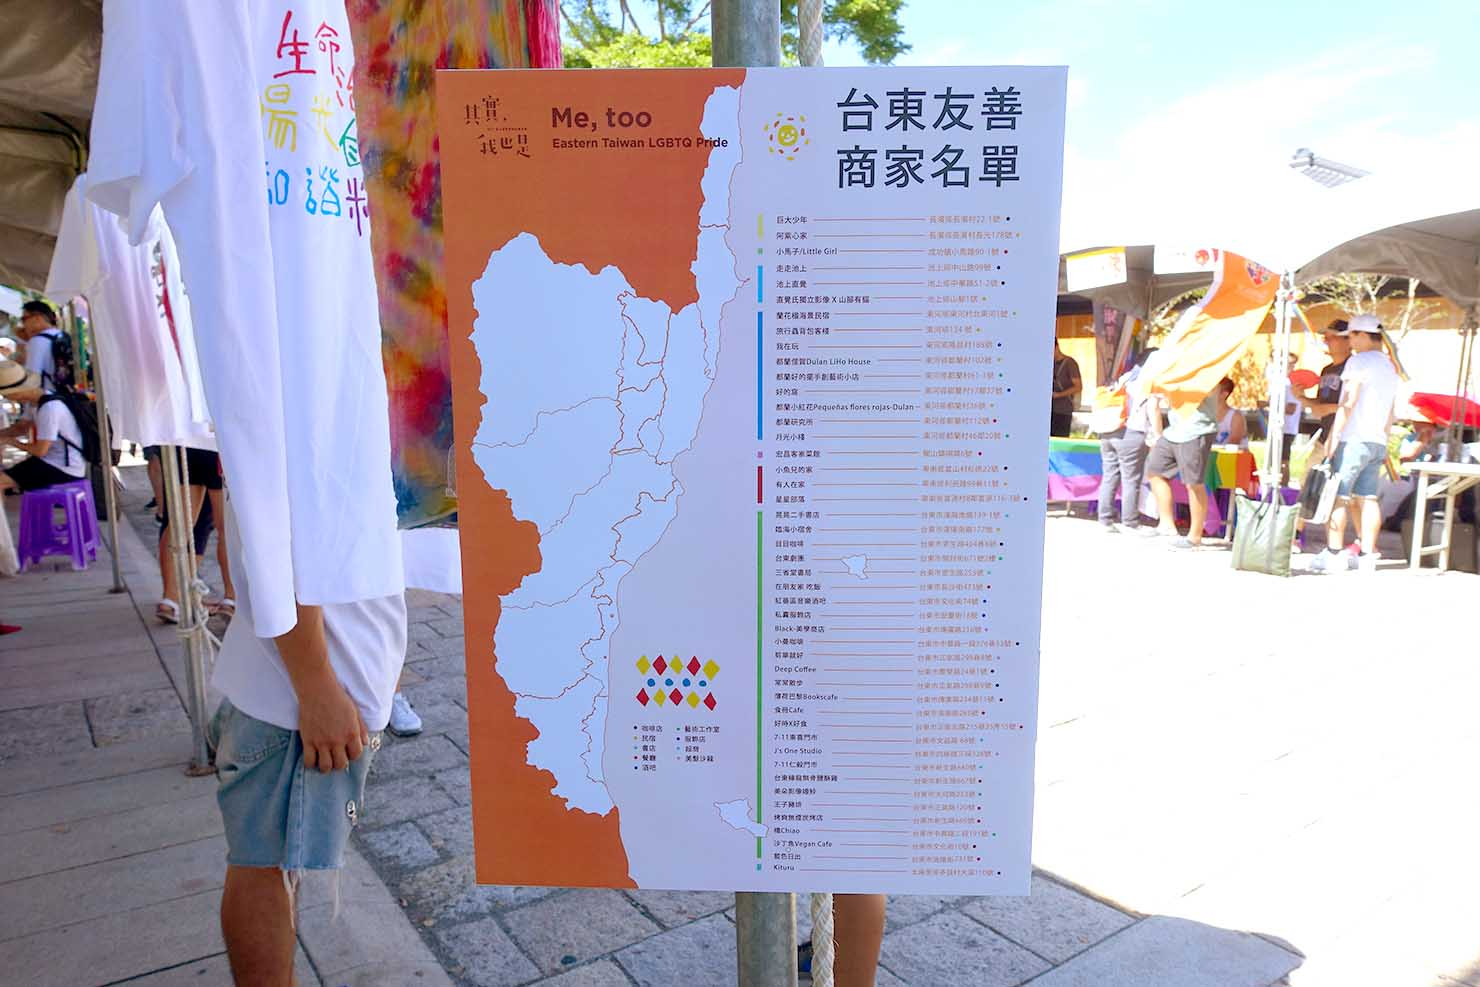 台湾東部のLGBTプライド「花東彩虹嘉年華」の台東版LGBTフレンドリー店舗マップ